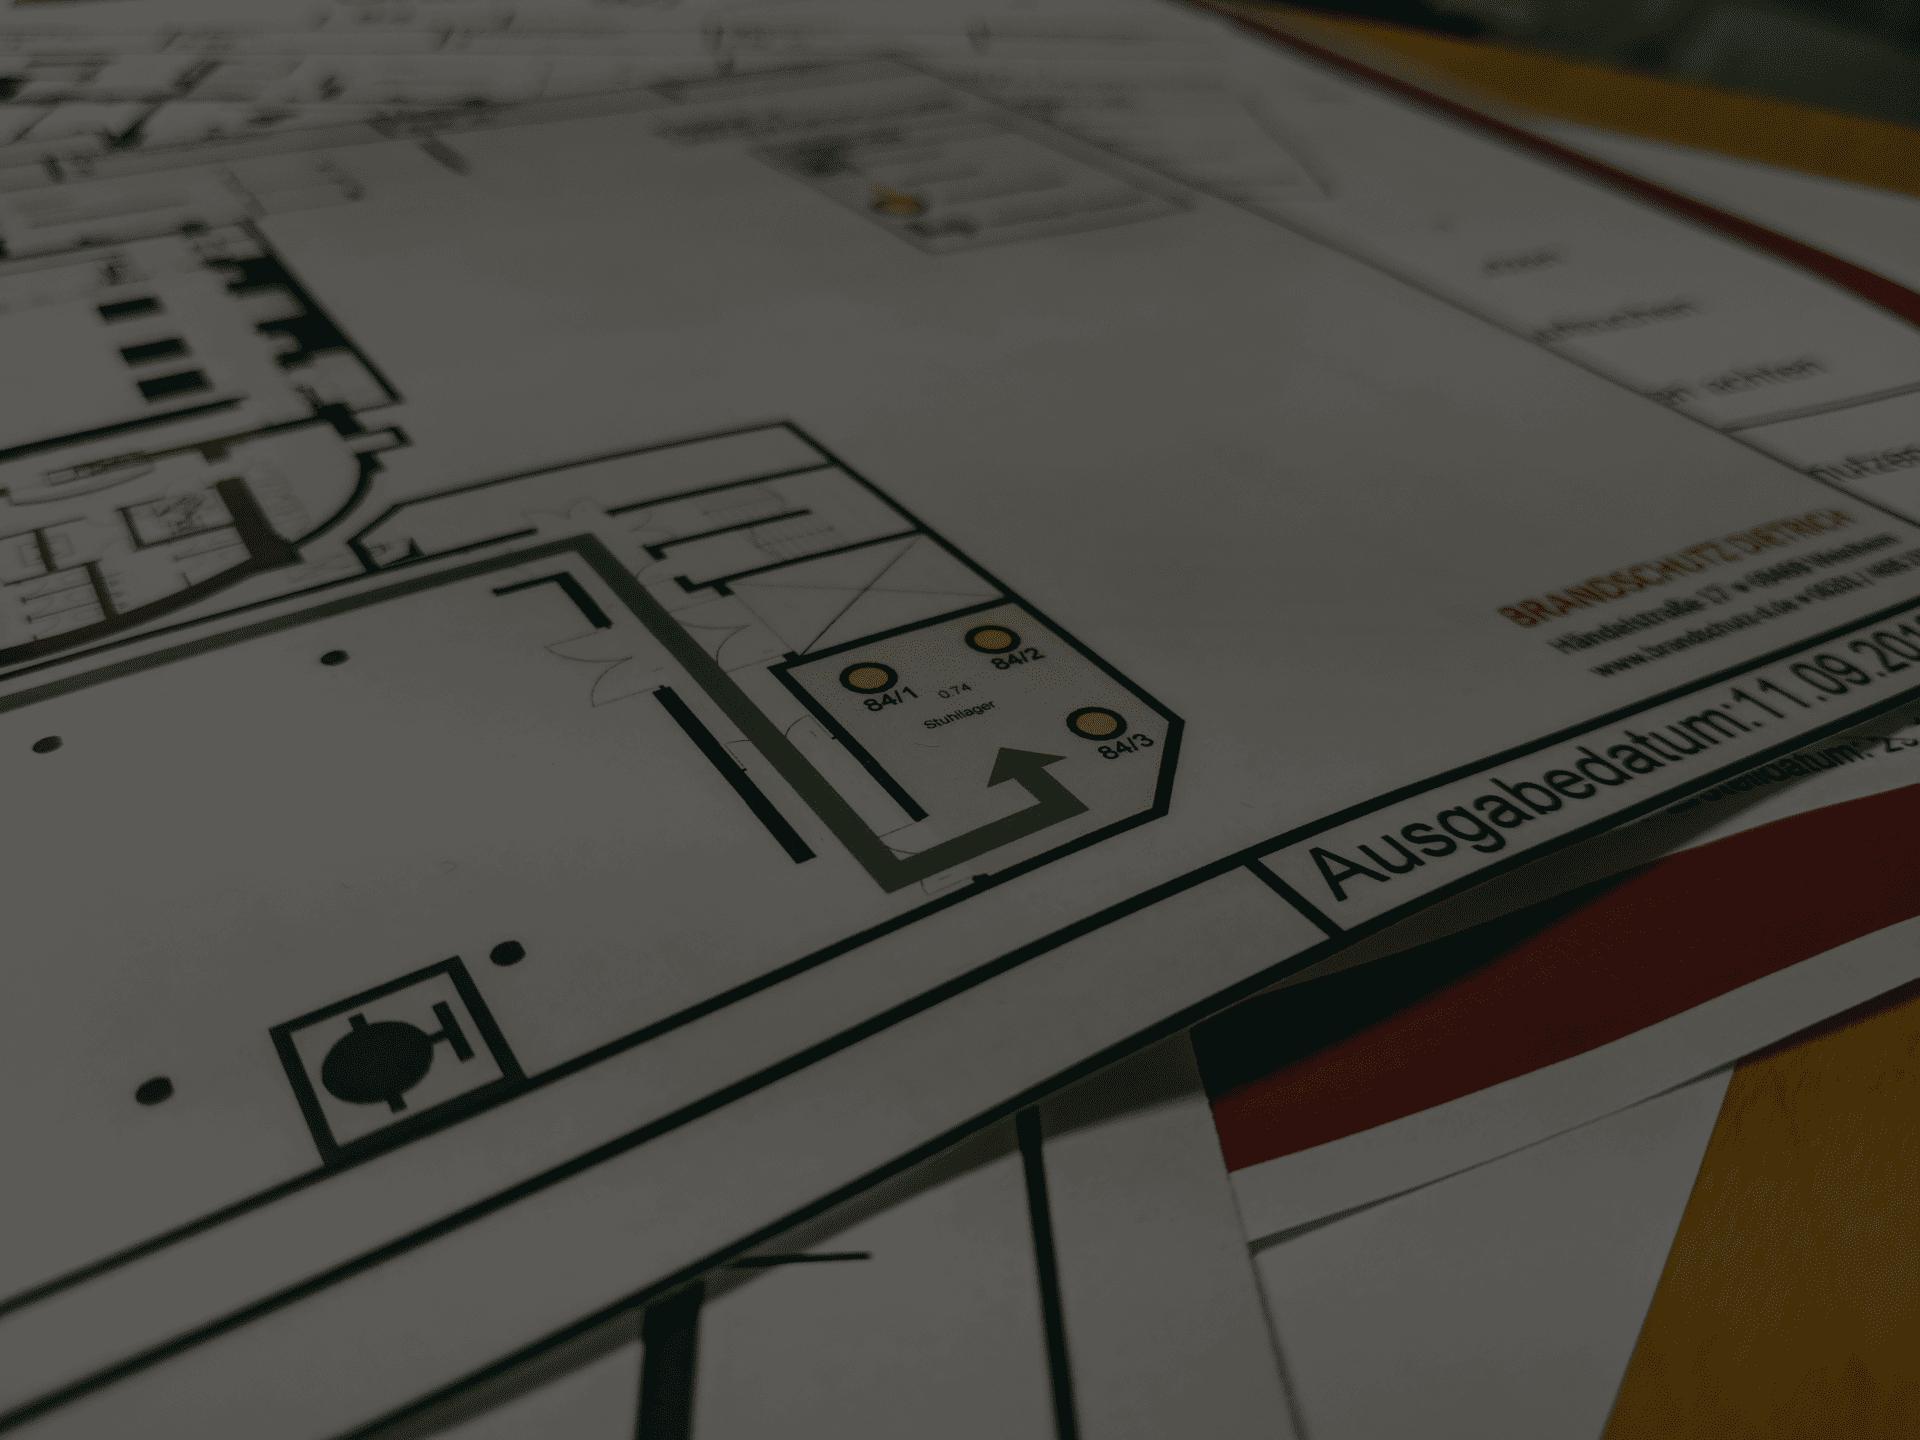 Feuerwehrlaufkarten nach DIN 14 675